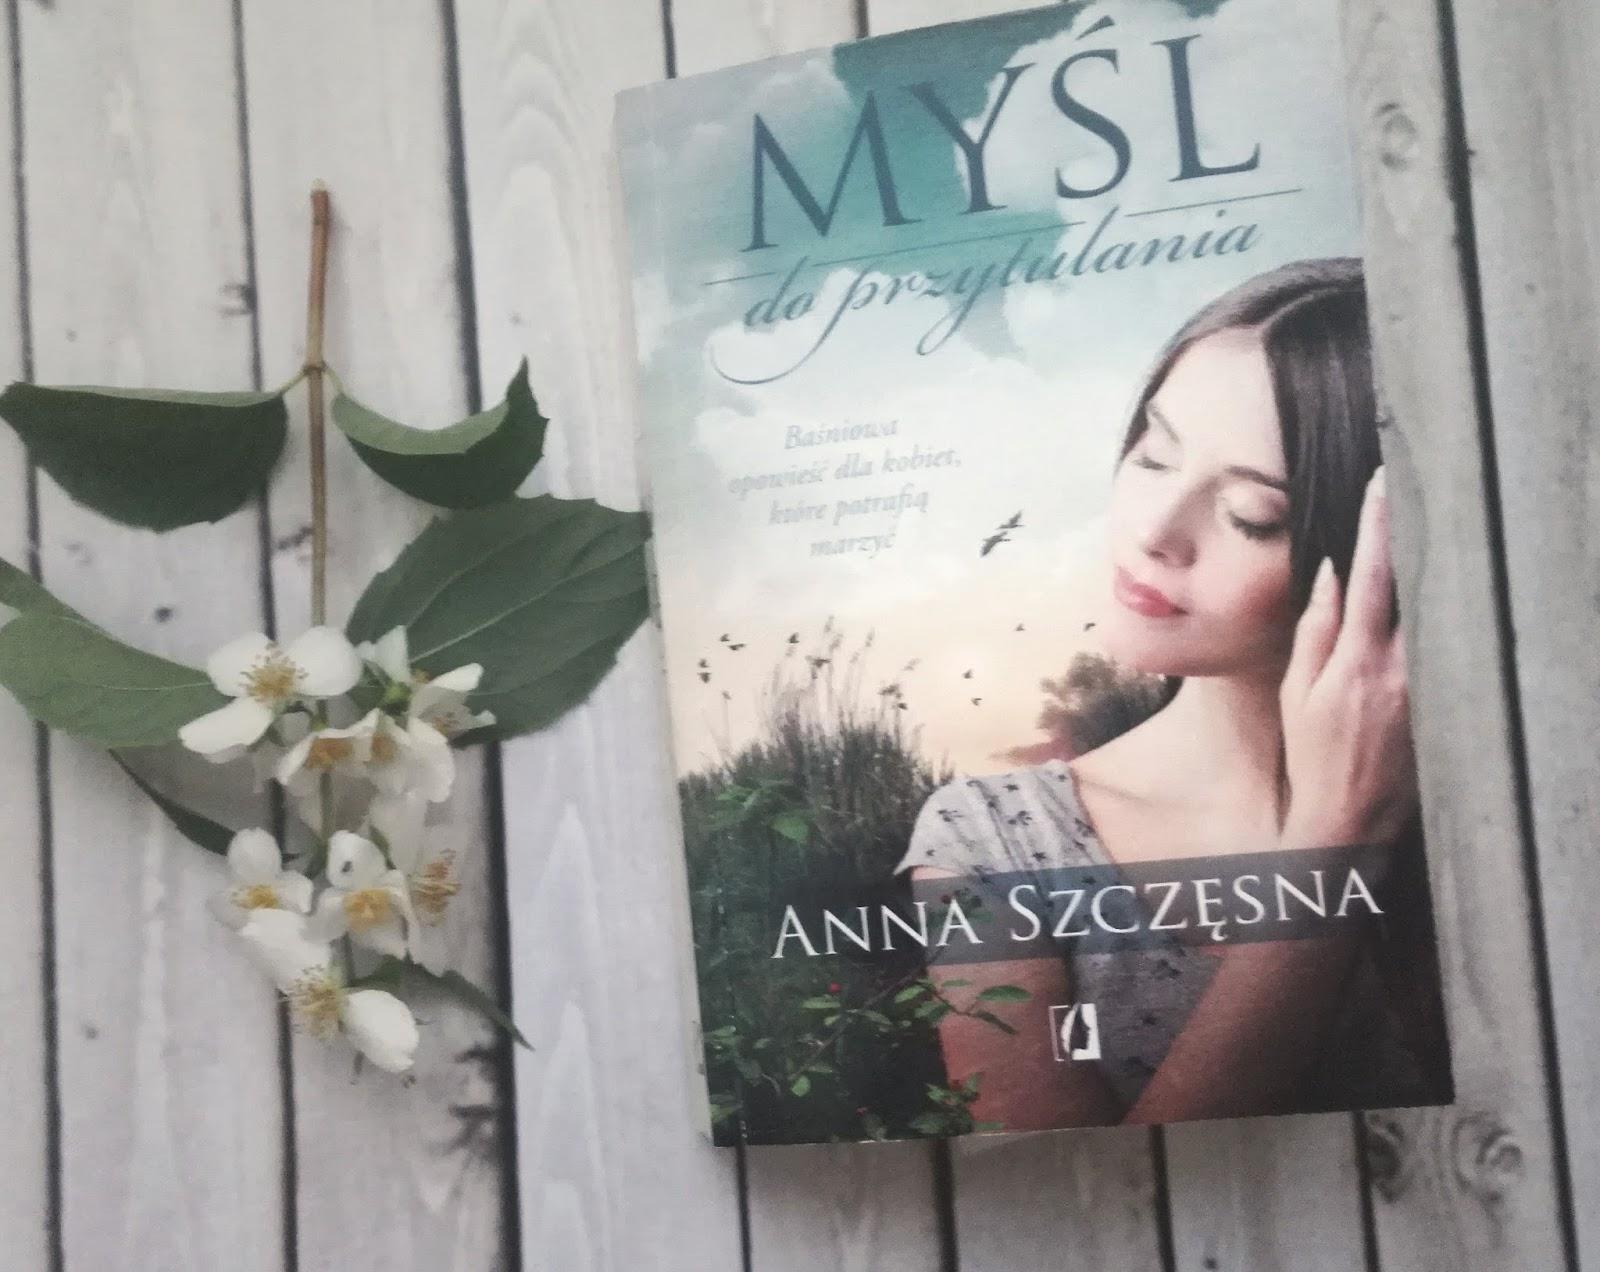 Myśl do przytulania Anna Szczęsna - recenzja